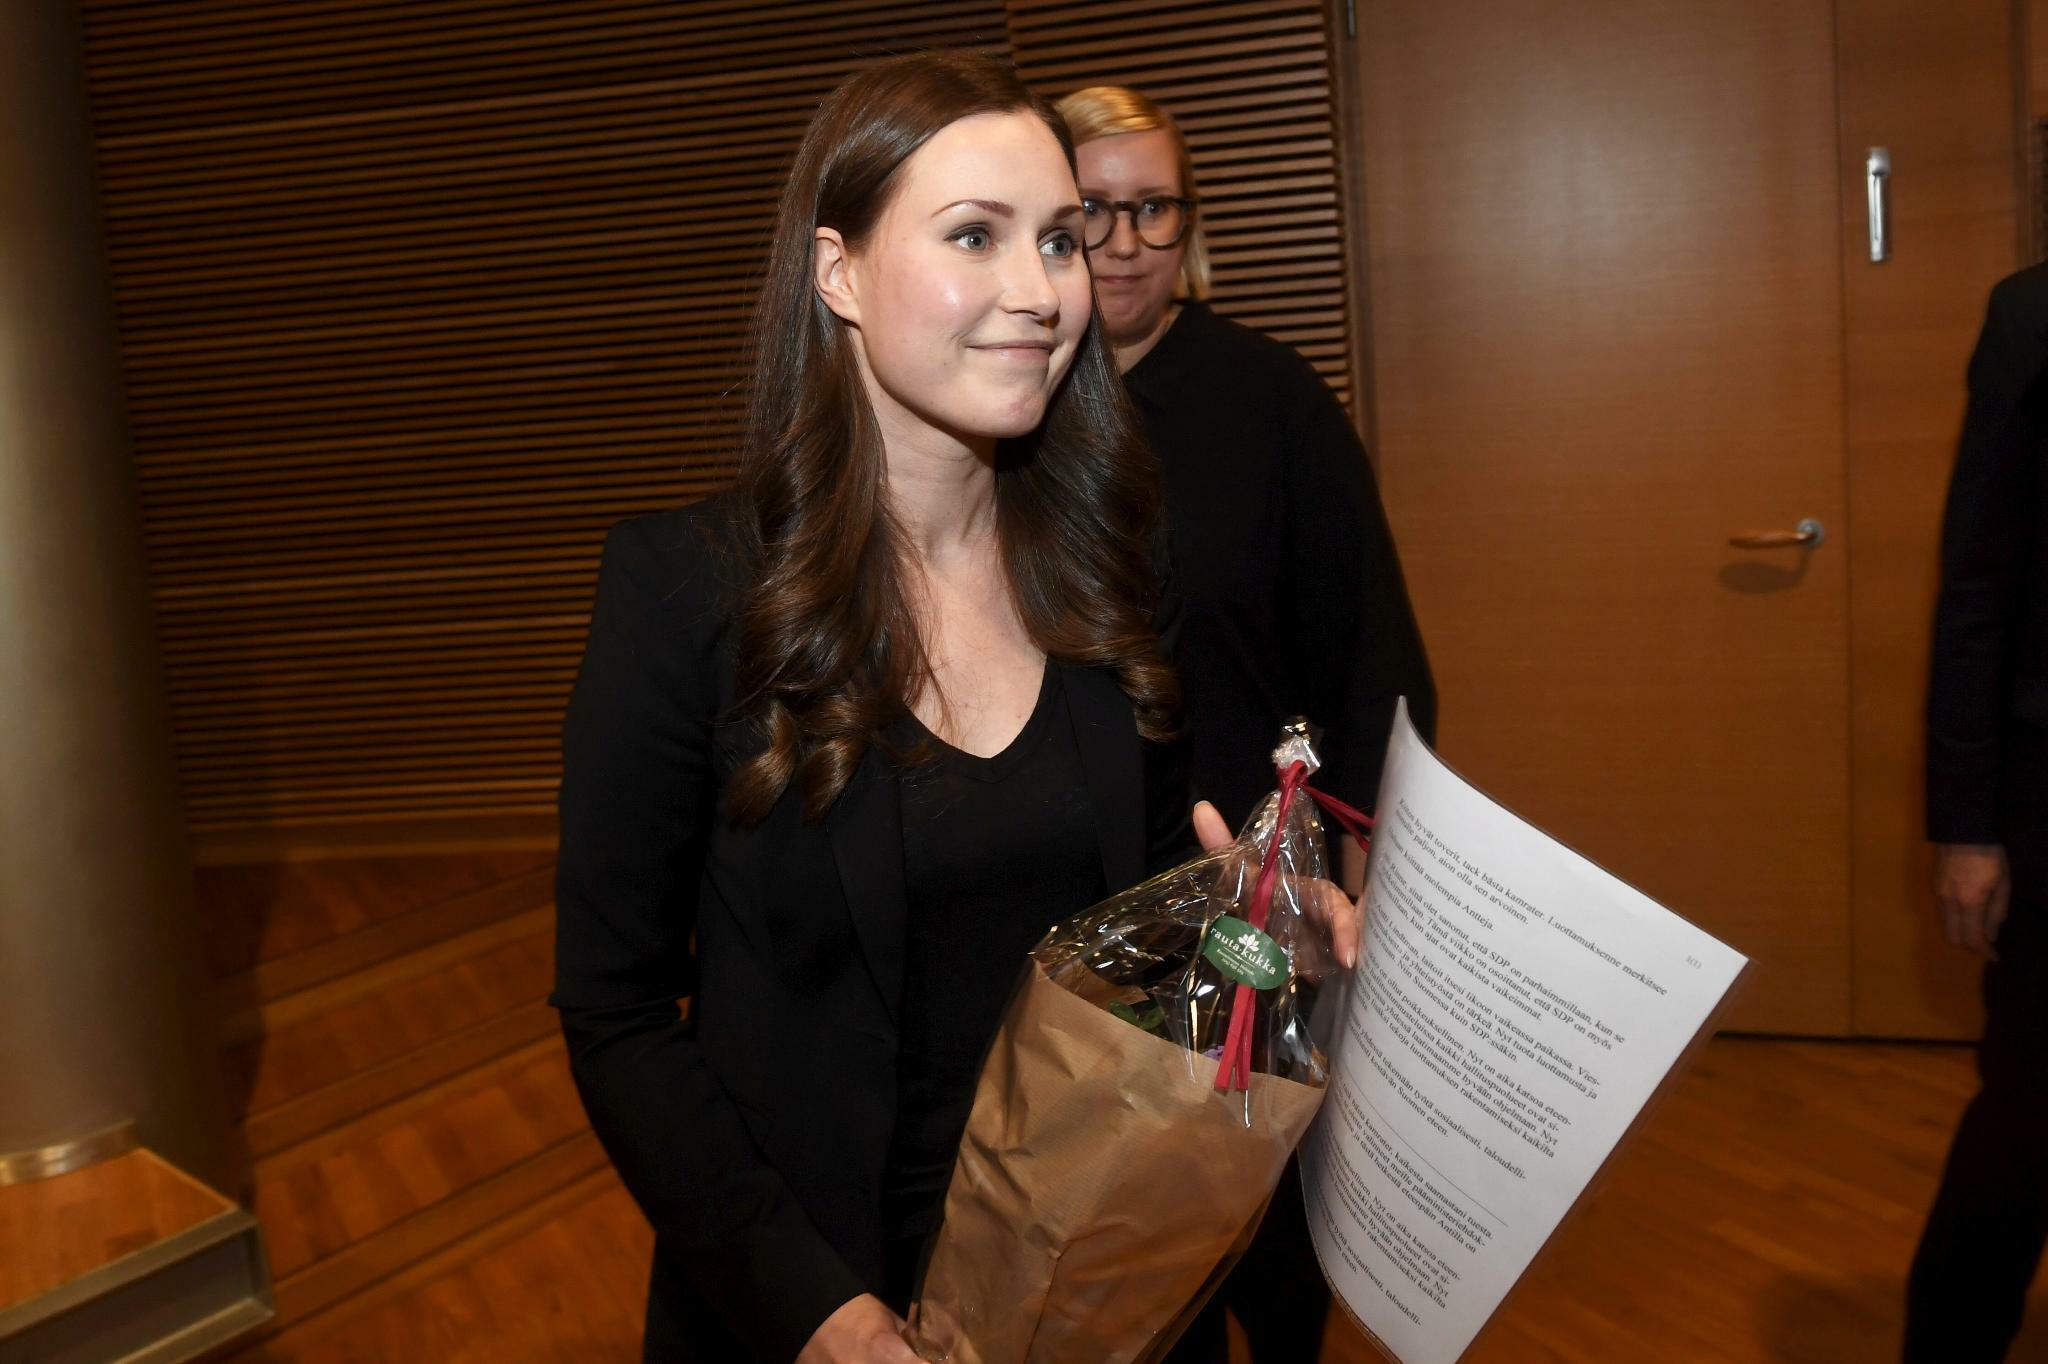 Finnland: Sozialdemokraten wählen Sanna Marin als neue Ministerpräsidentin aus